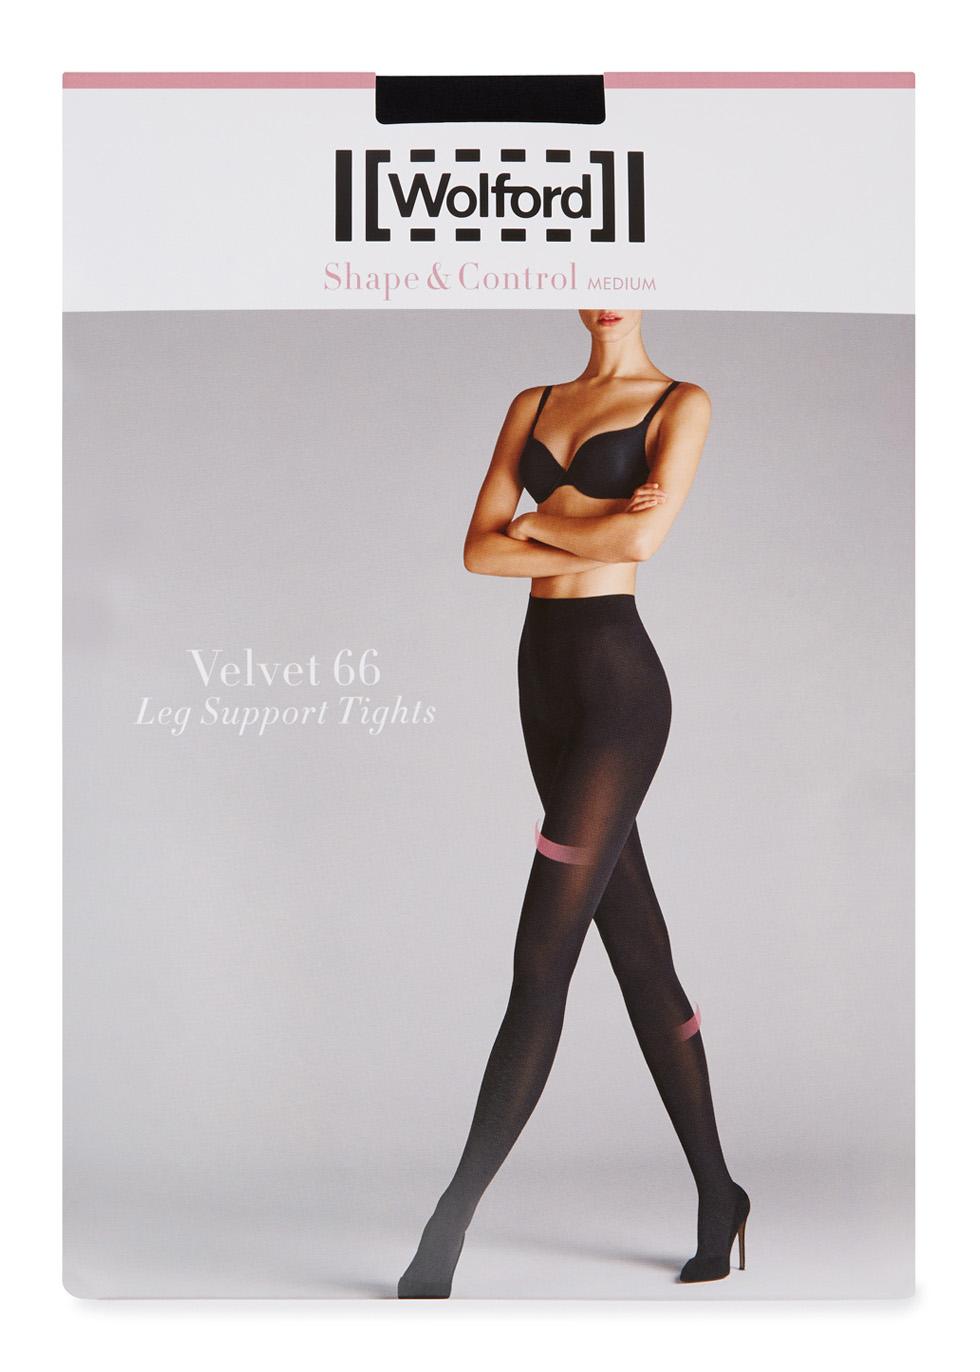 Velvet black 66 denier support tights - Wolford